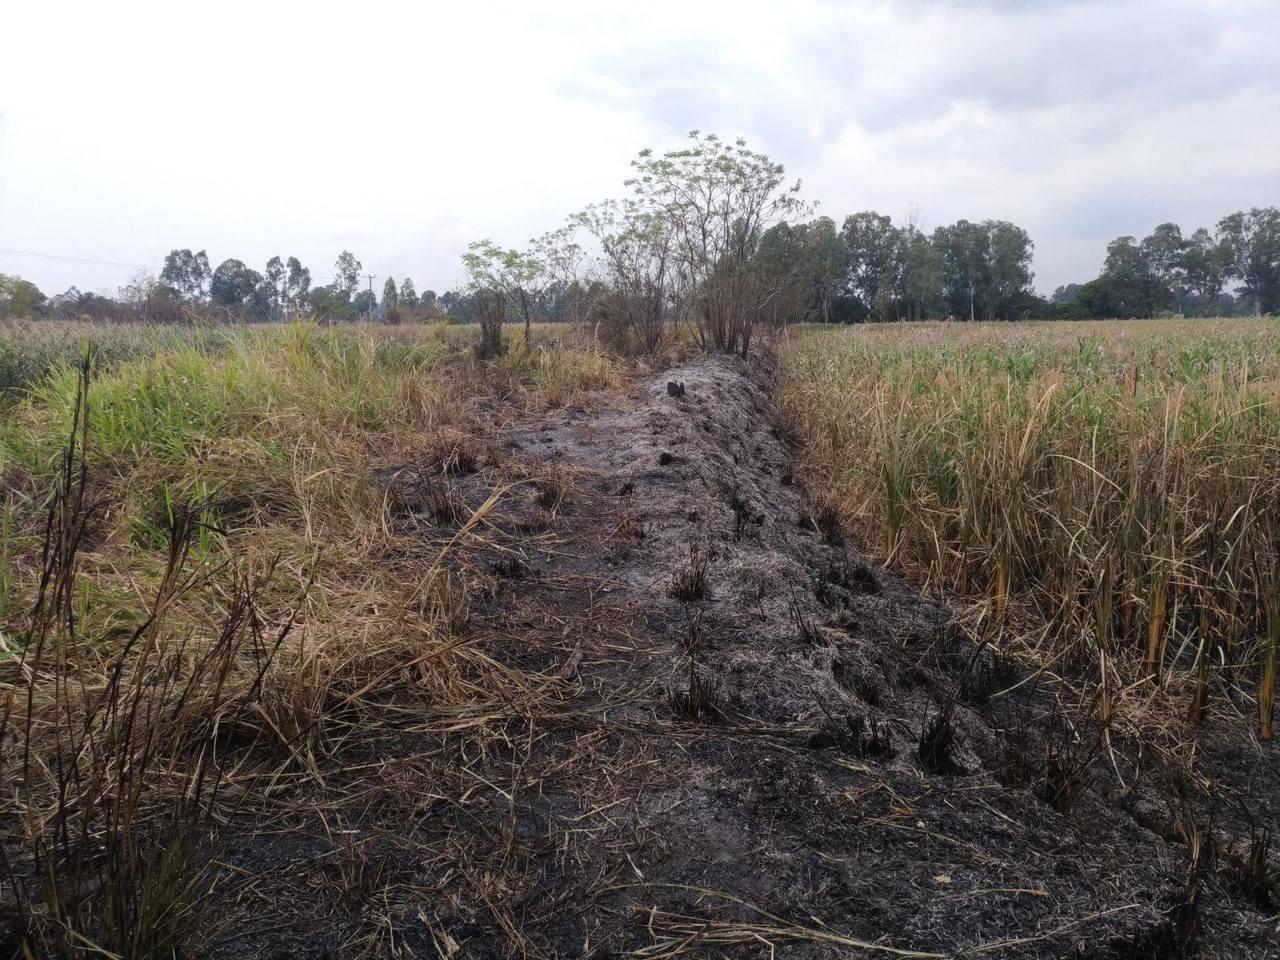 元朗南生圍過去兩天先後發生火災,恒基地產名下地皮至少6公頃林木焚毀變成焦土。(取...